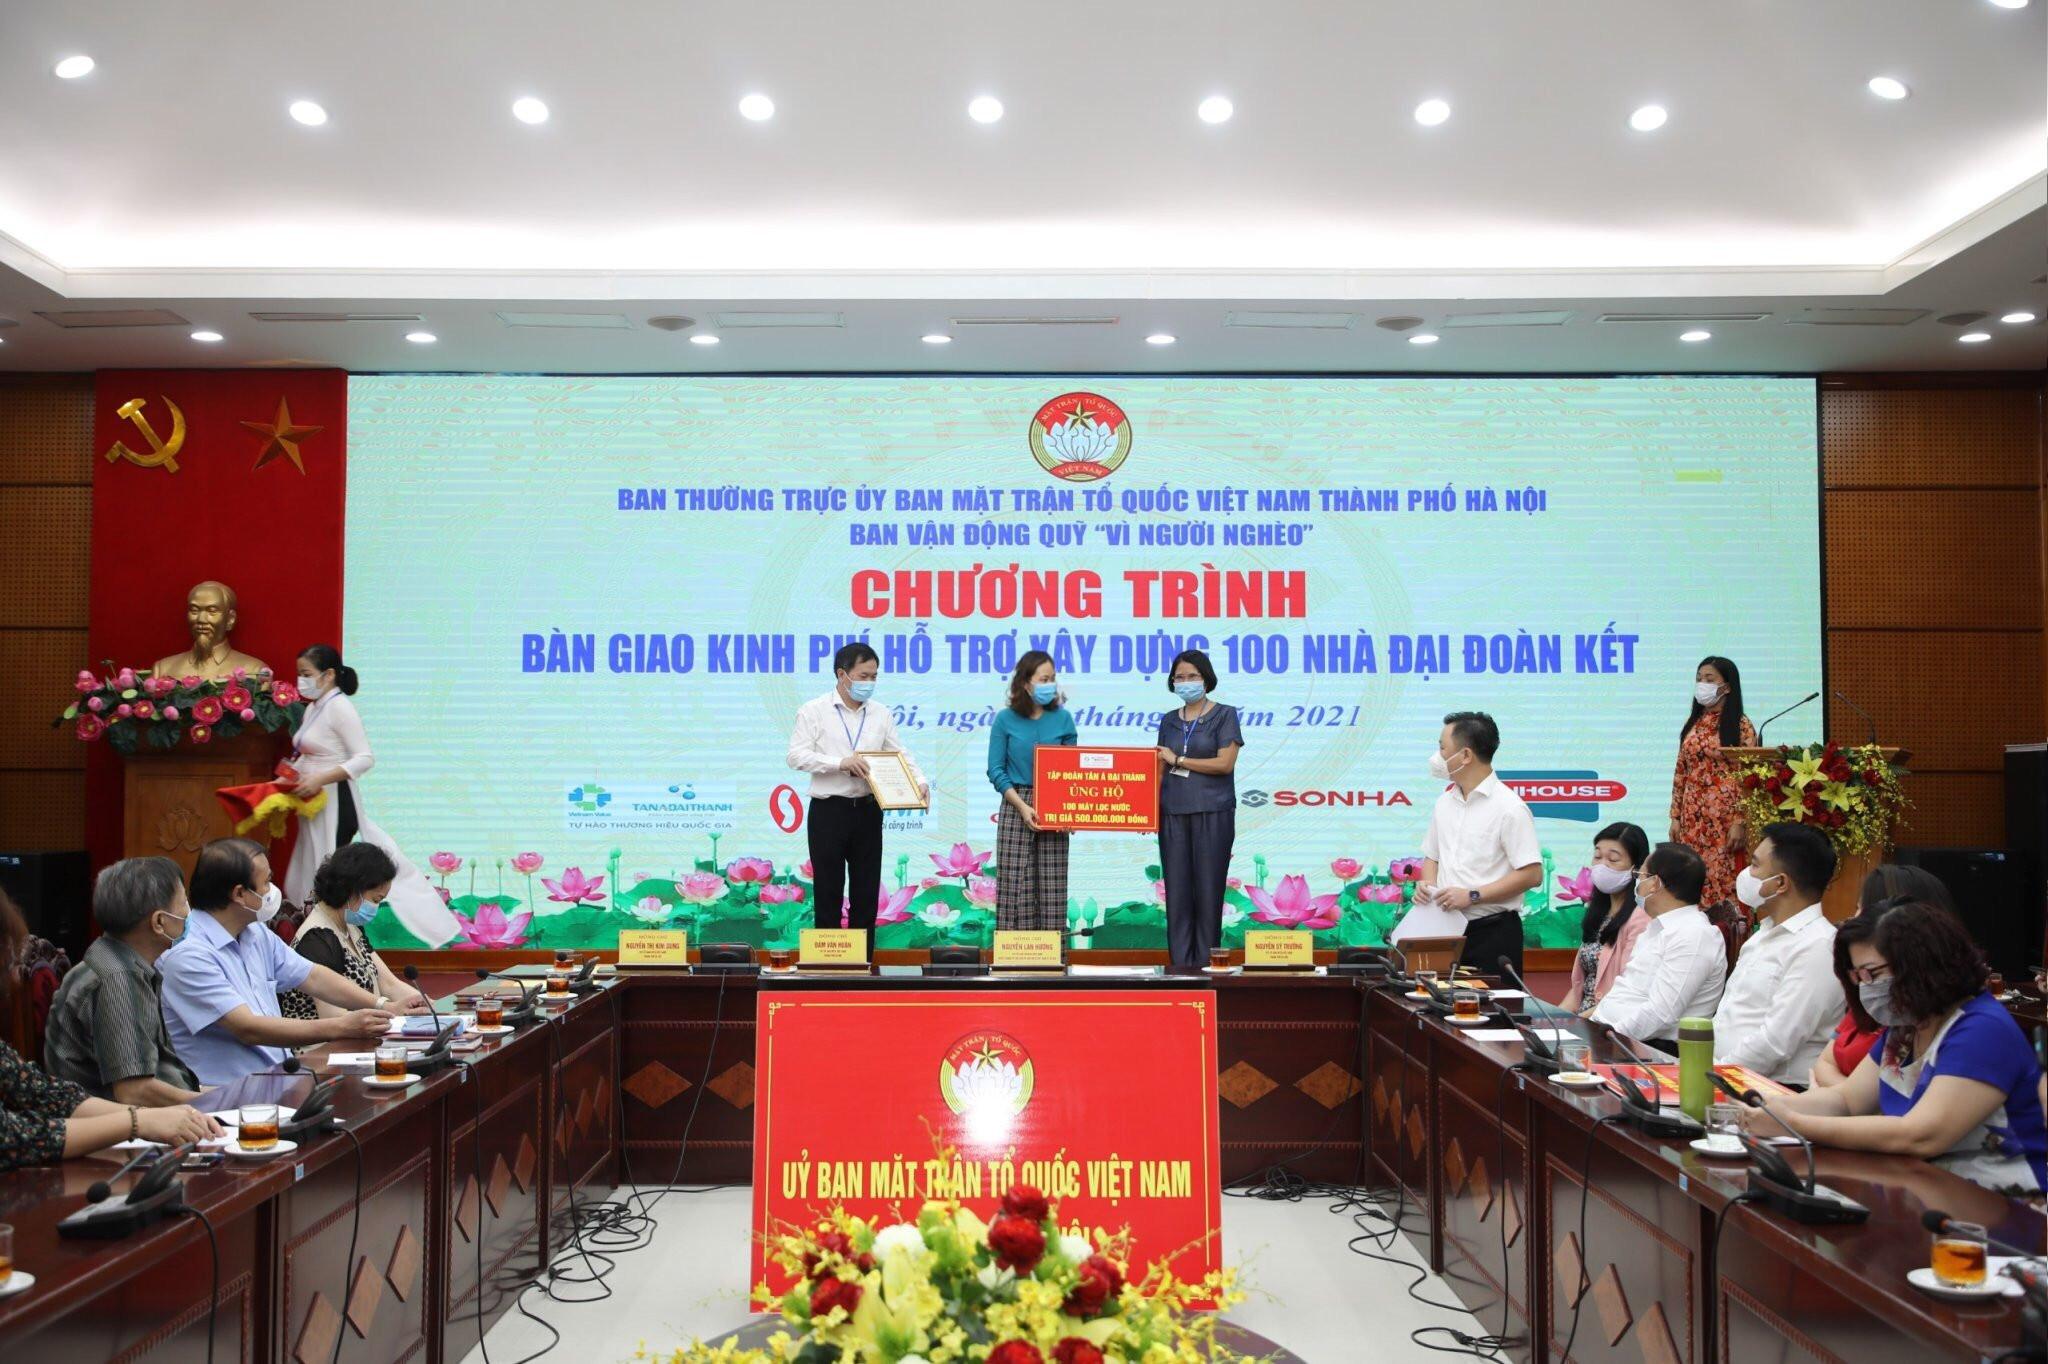 """Tân Á Đại Thành đóng góp tích cực cho quỹ """"Vì người nghèo"""" thành phố Hà Nội"""